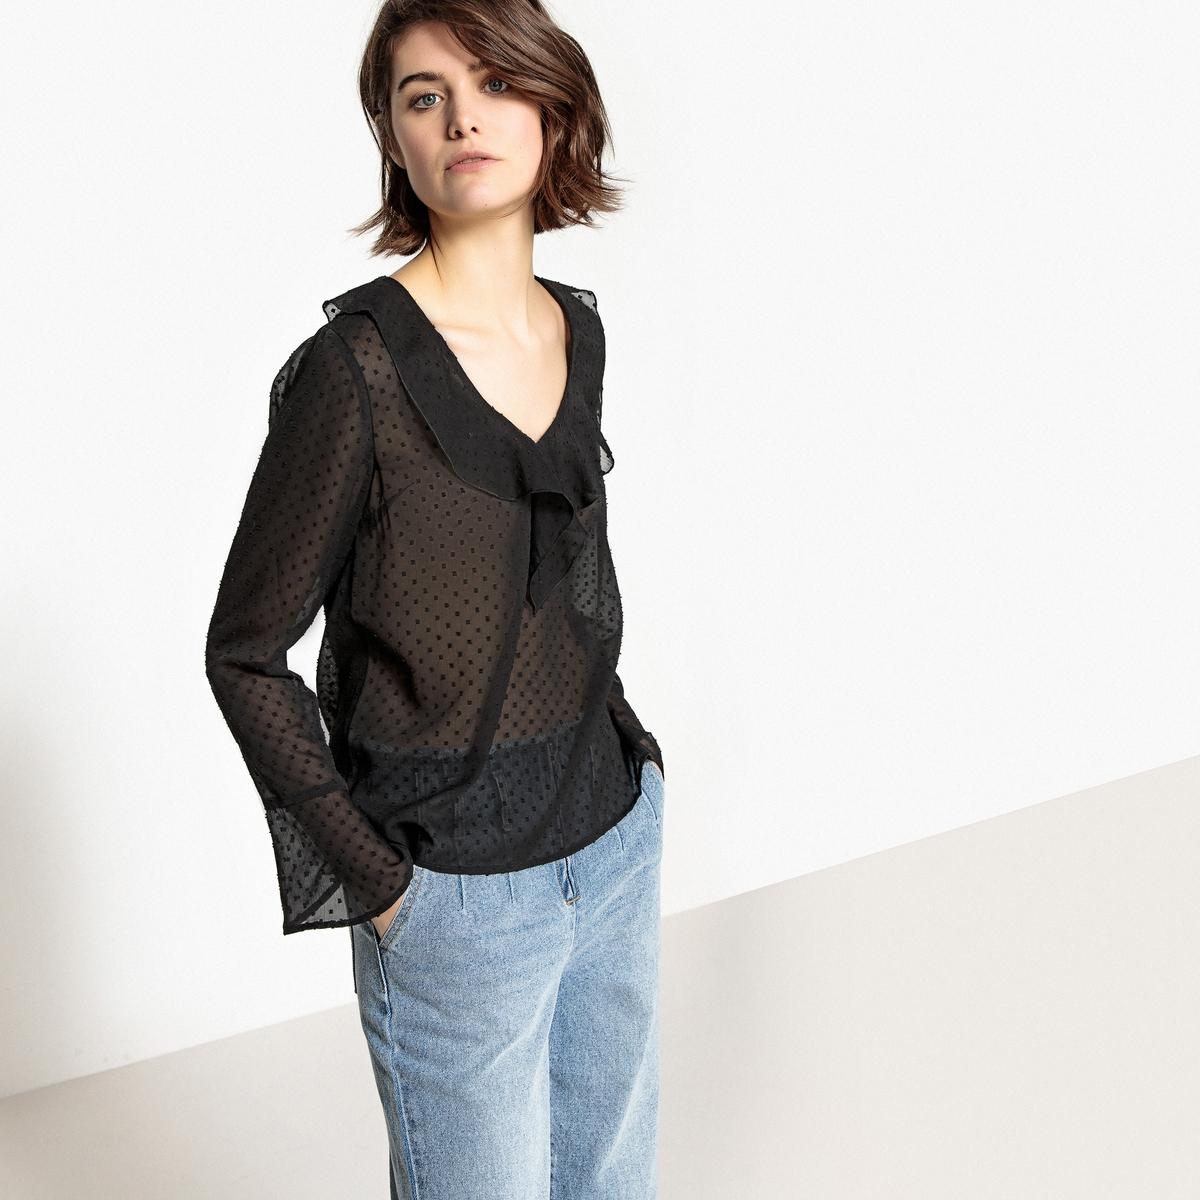 Blusa com decote em V, ponto cheio e folhos, mangas compridas